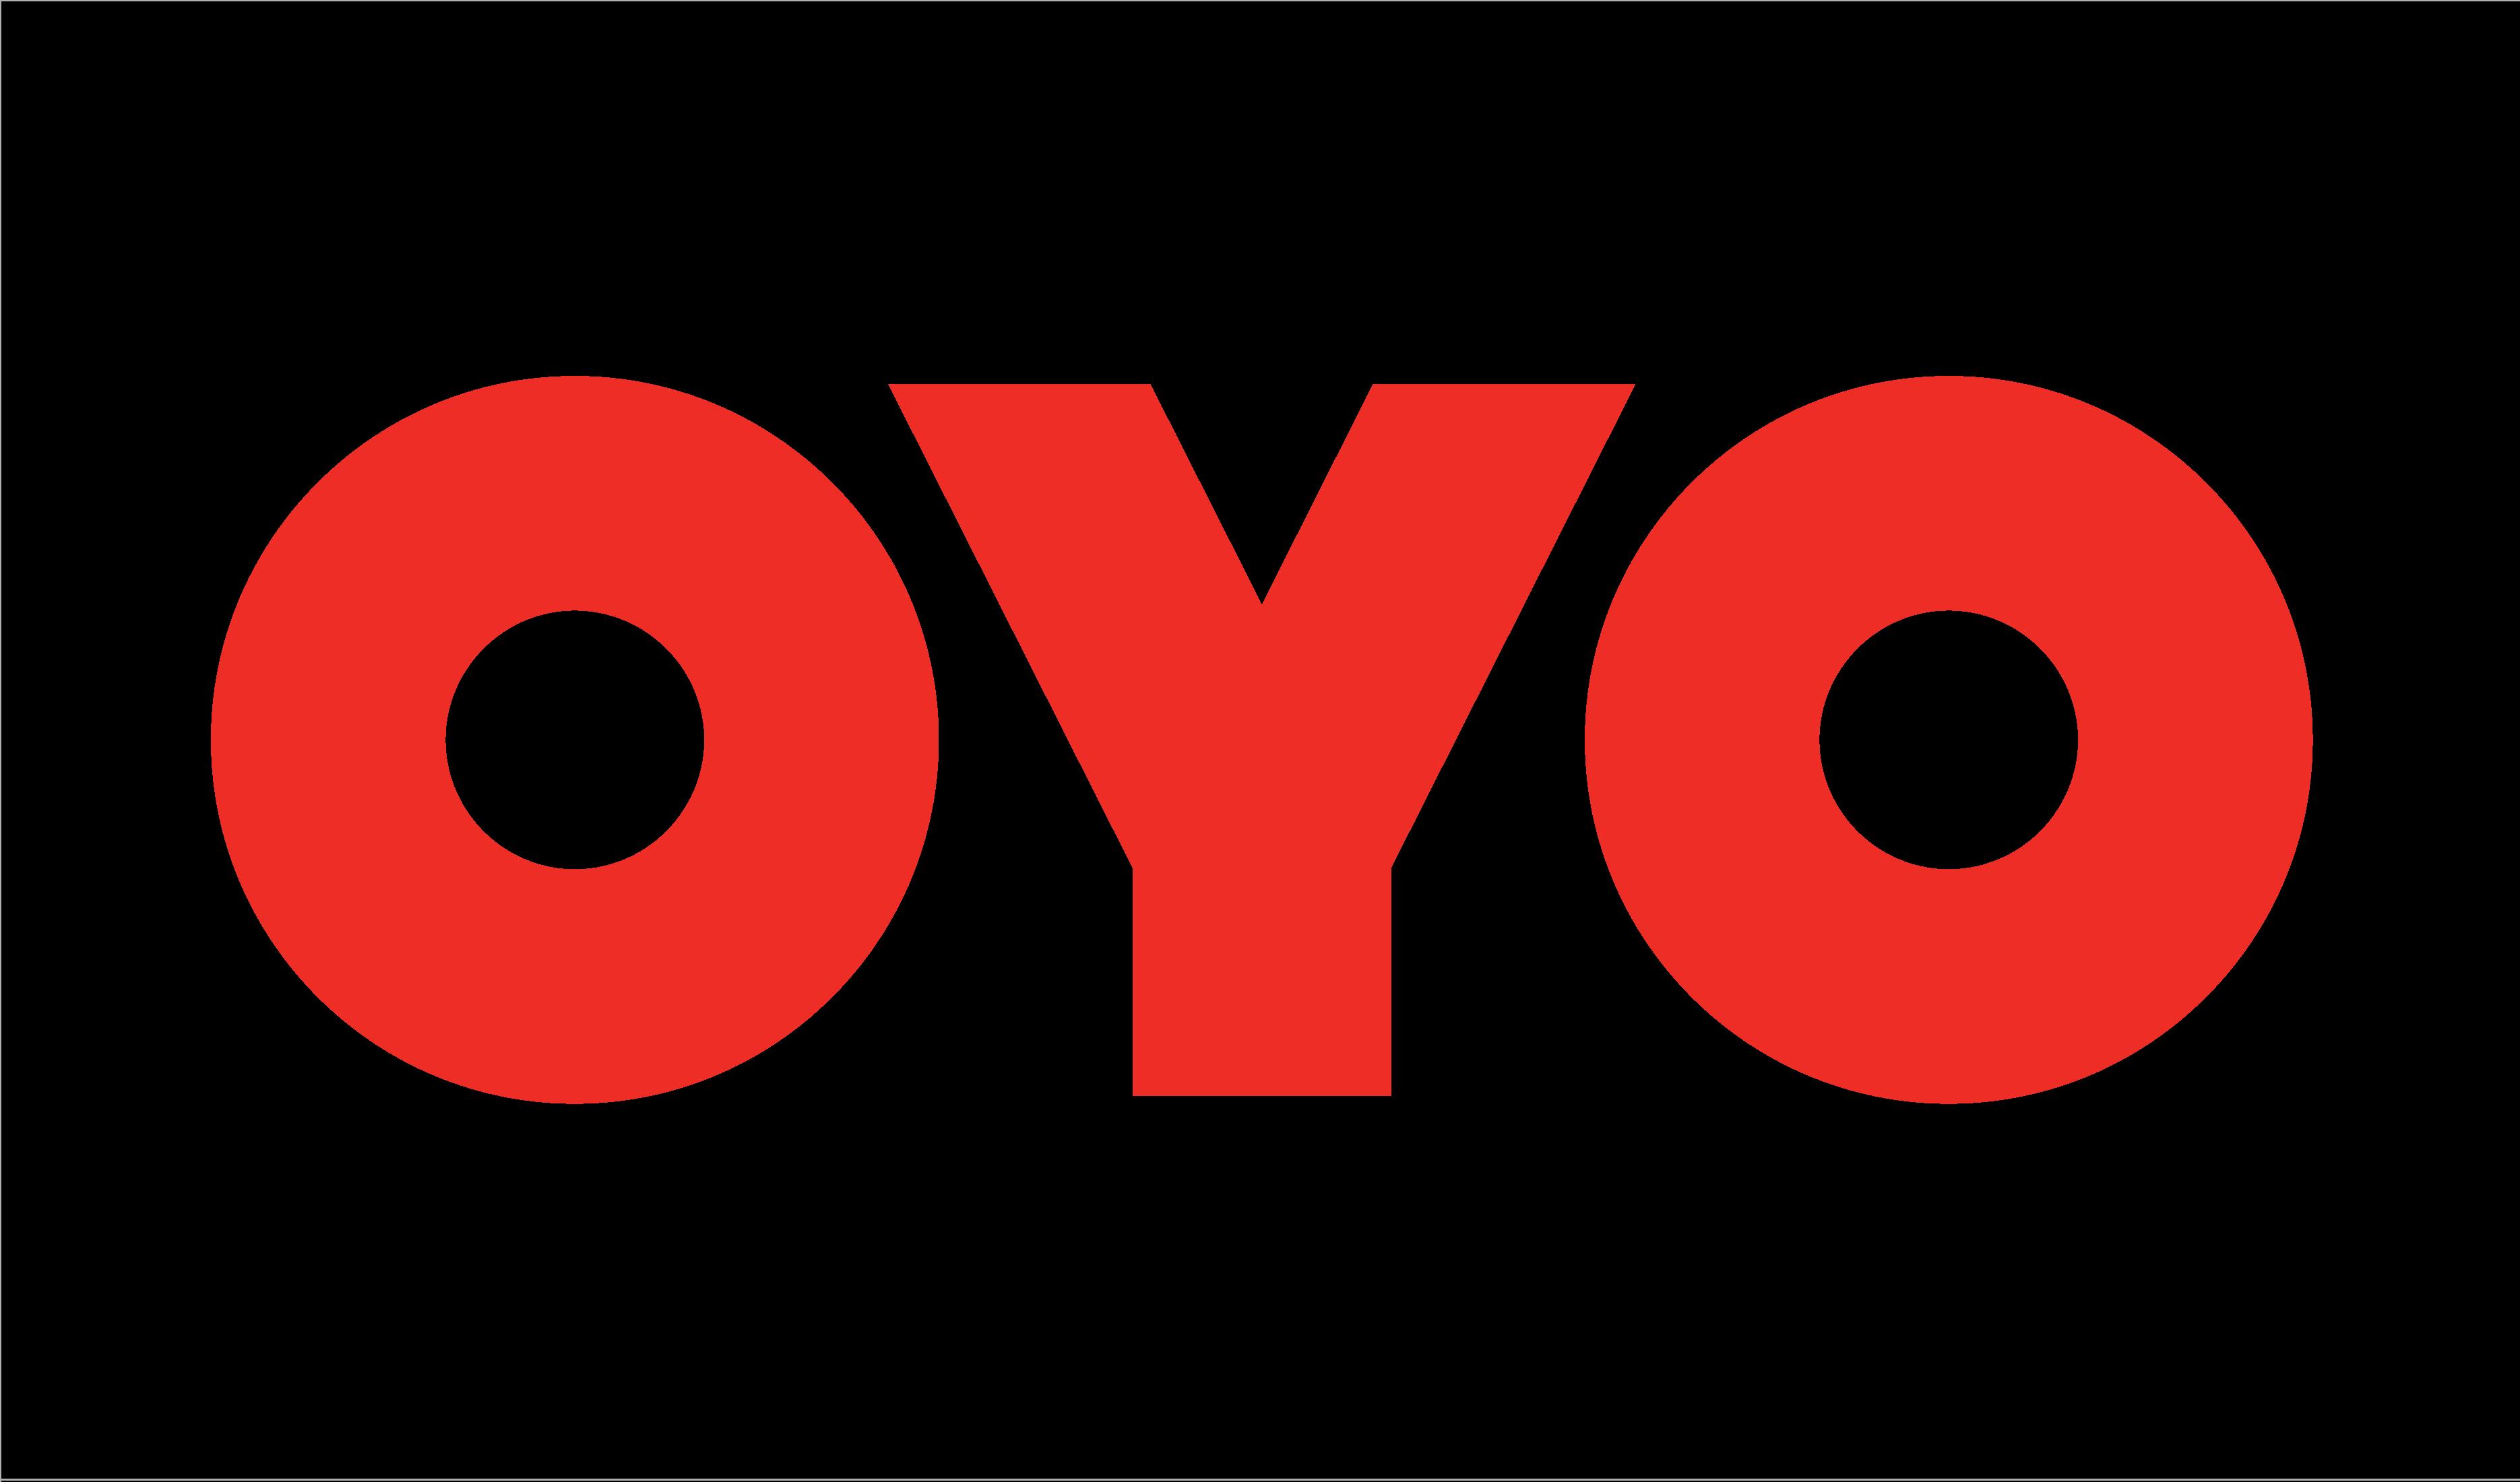 Oyo acquires Las Vegas casino resort